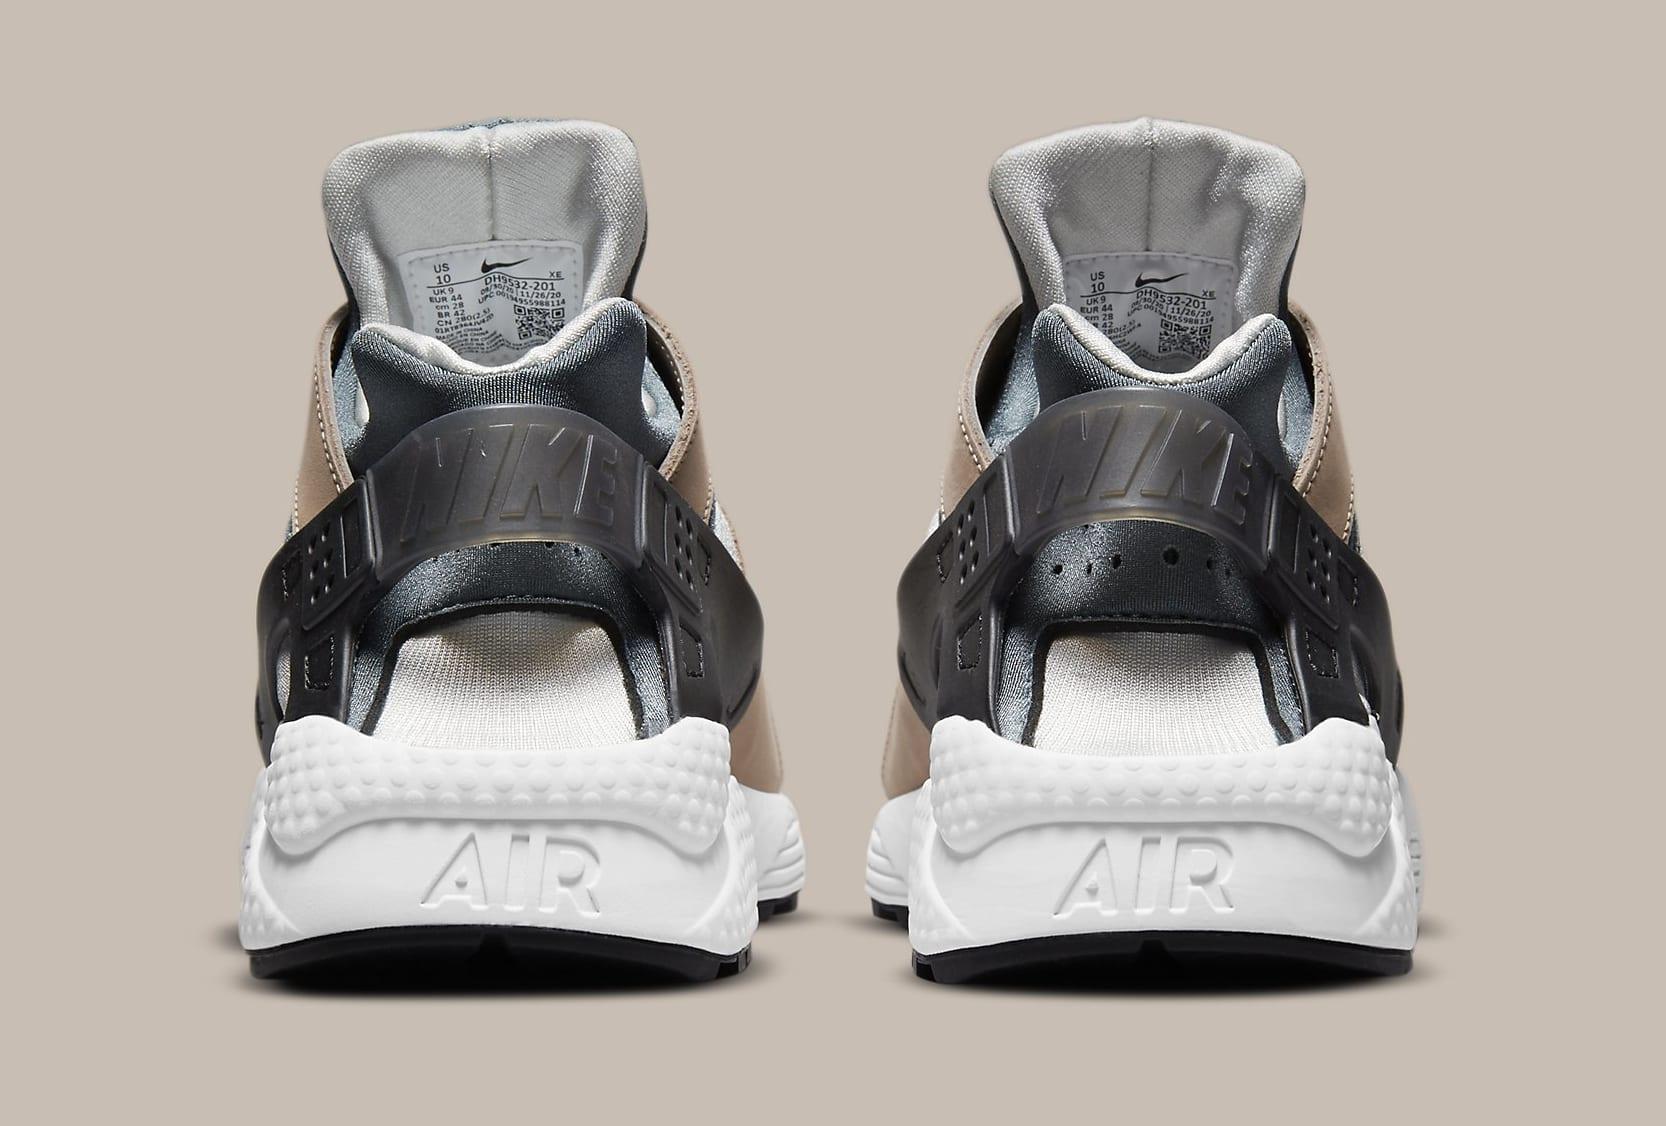 Nike Air Huarache 'Escape' DH9532-201 Heel